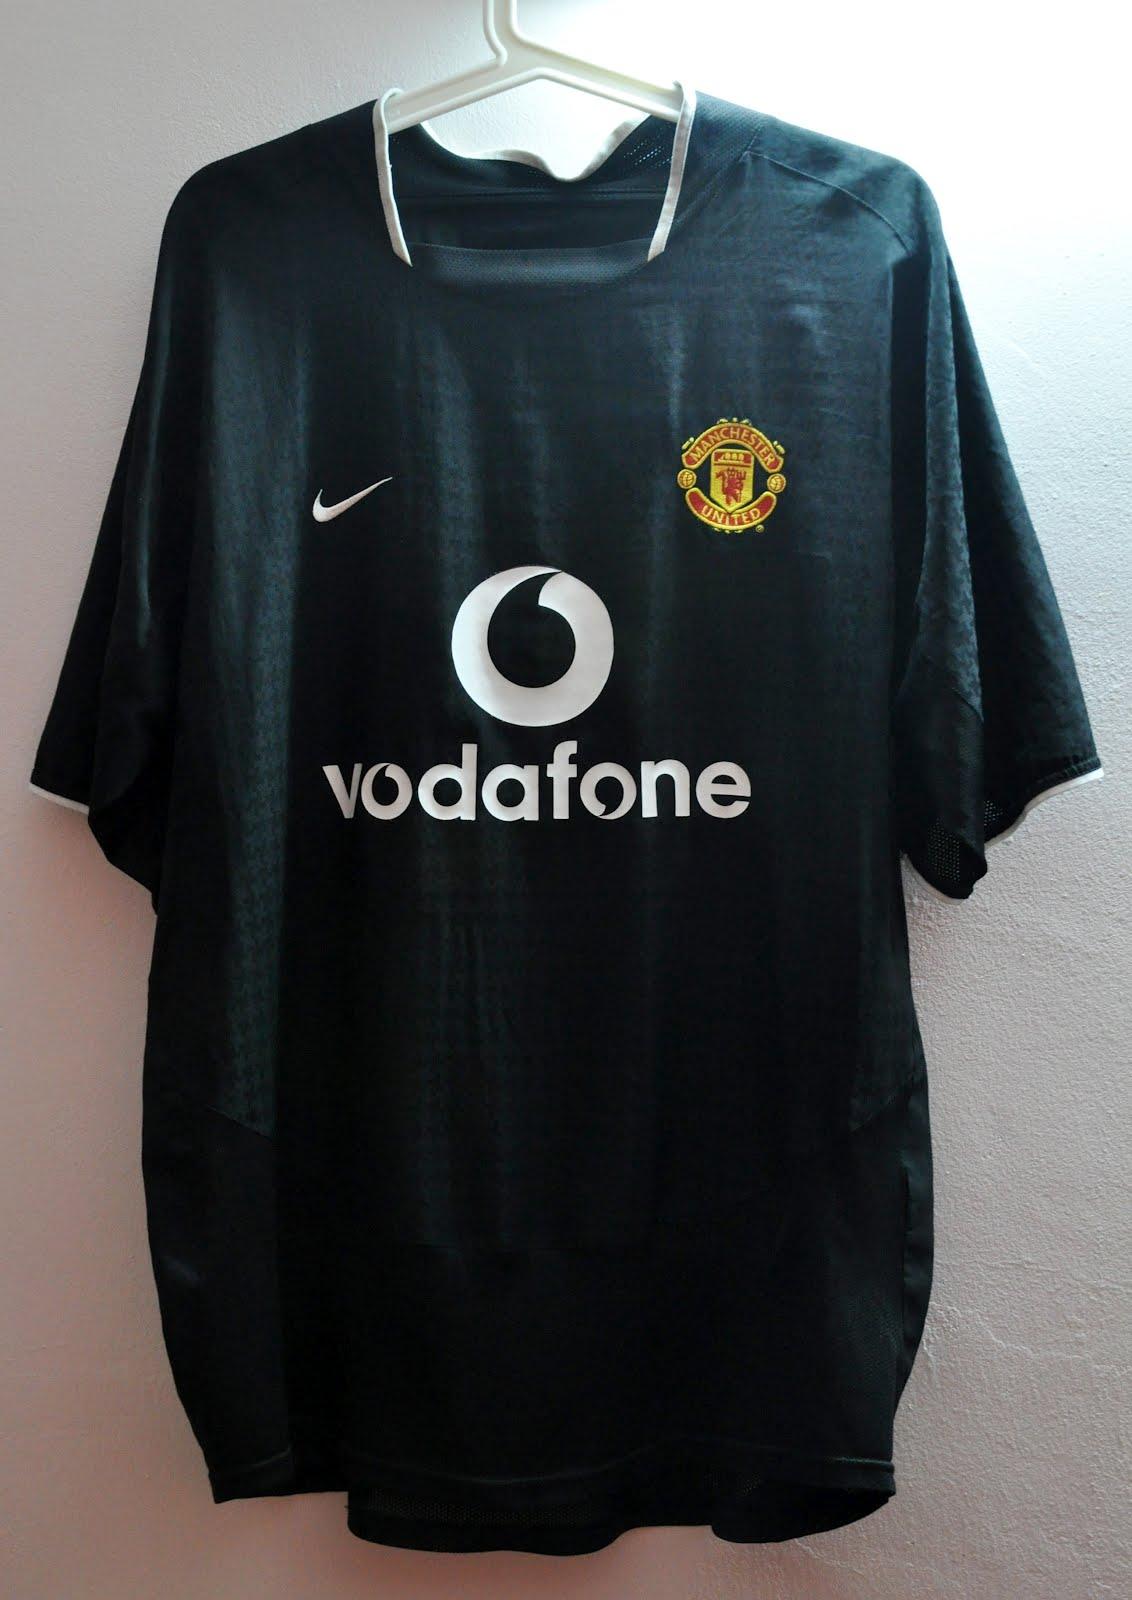 b9dd34e44 DAUS REDSCARZ  Manchester United 2003-2005 Away Kit    My First Jersey